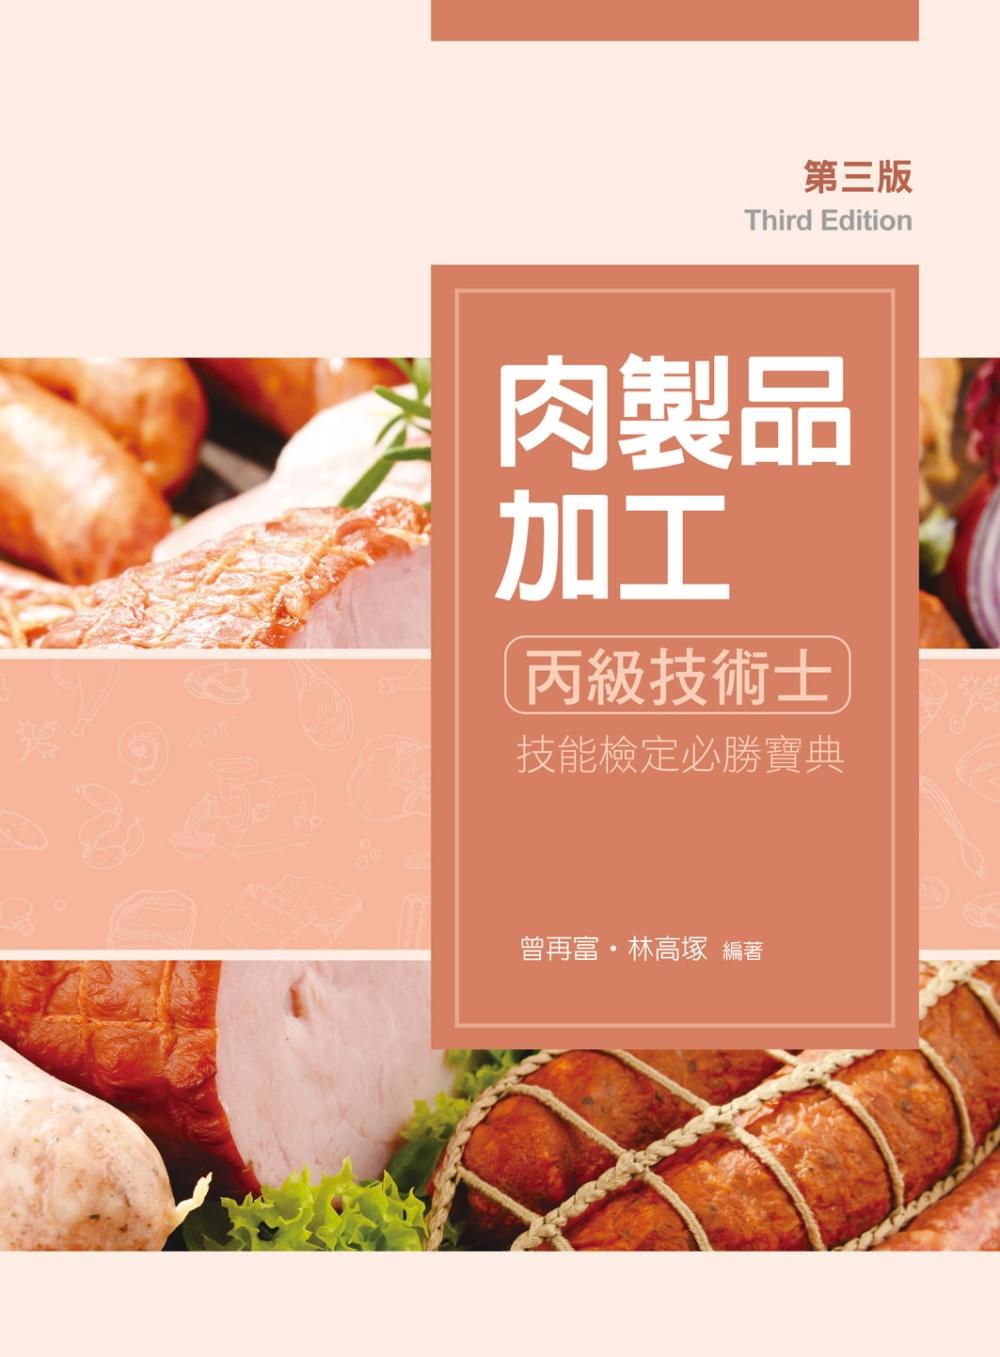 《肉製品加工丙級技術士技能檢定必勝寶典(第三版)》 商品條碼,ISBN:9789864303625